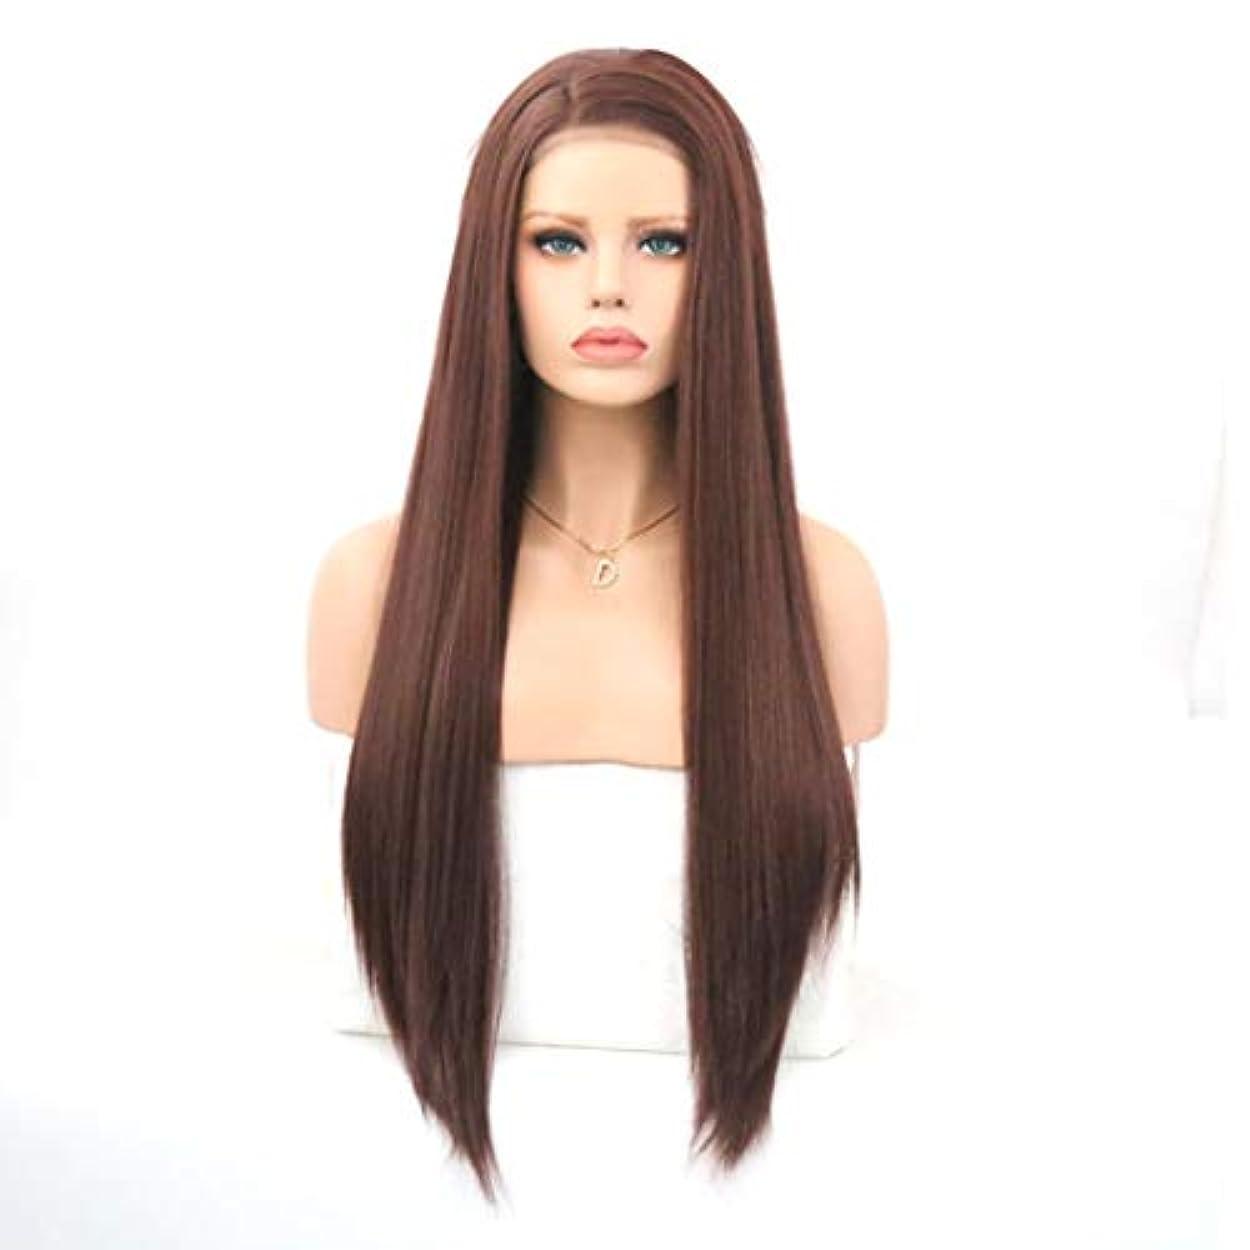 対処アマチュア慣性Summerys 茶色のフロントレース化学繊維かつらヘッドギア高温シルクロングストレートウィッグ女性用 (Size : 20 inches)